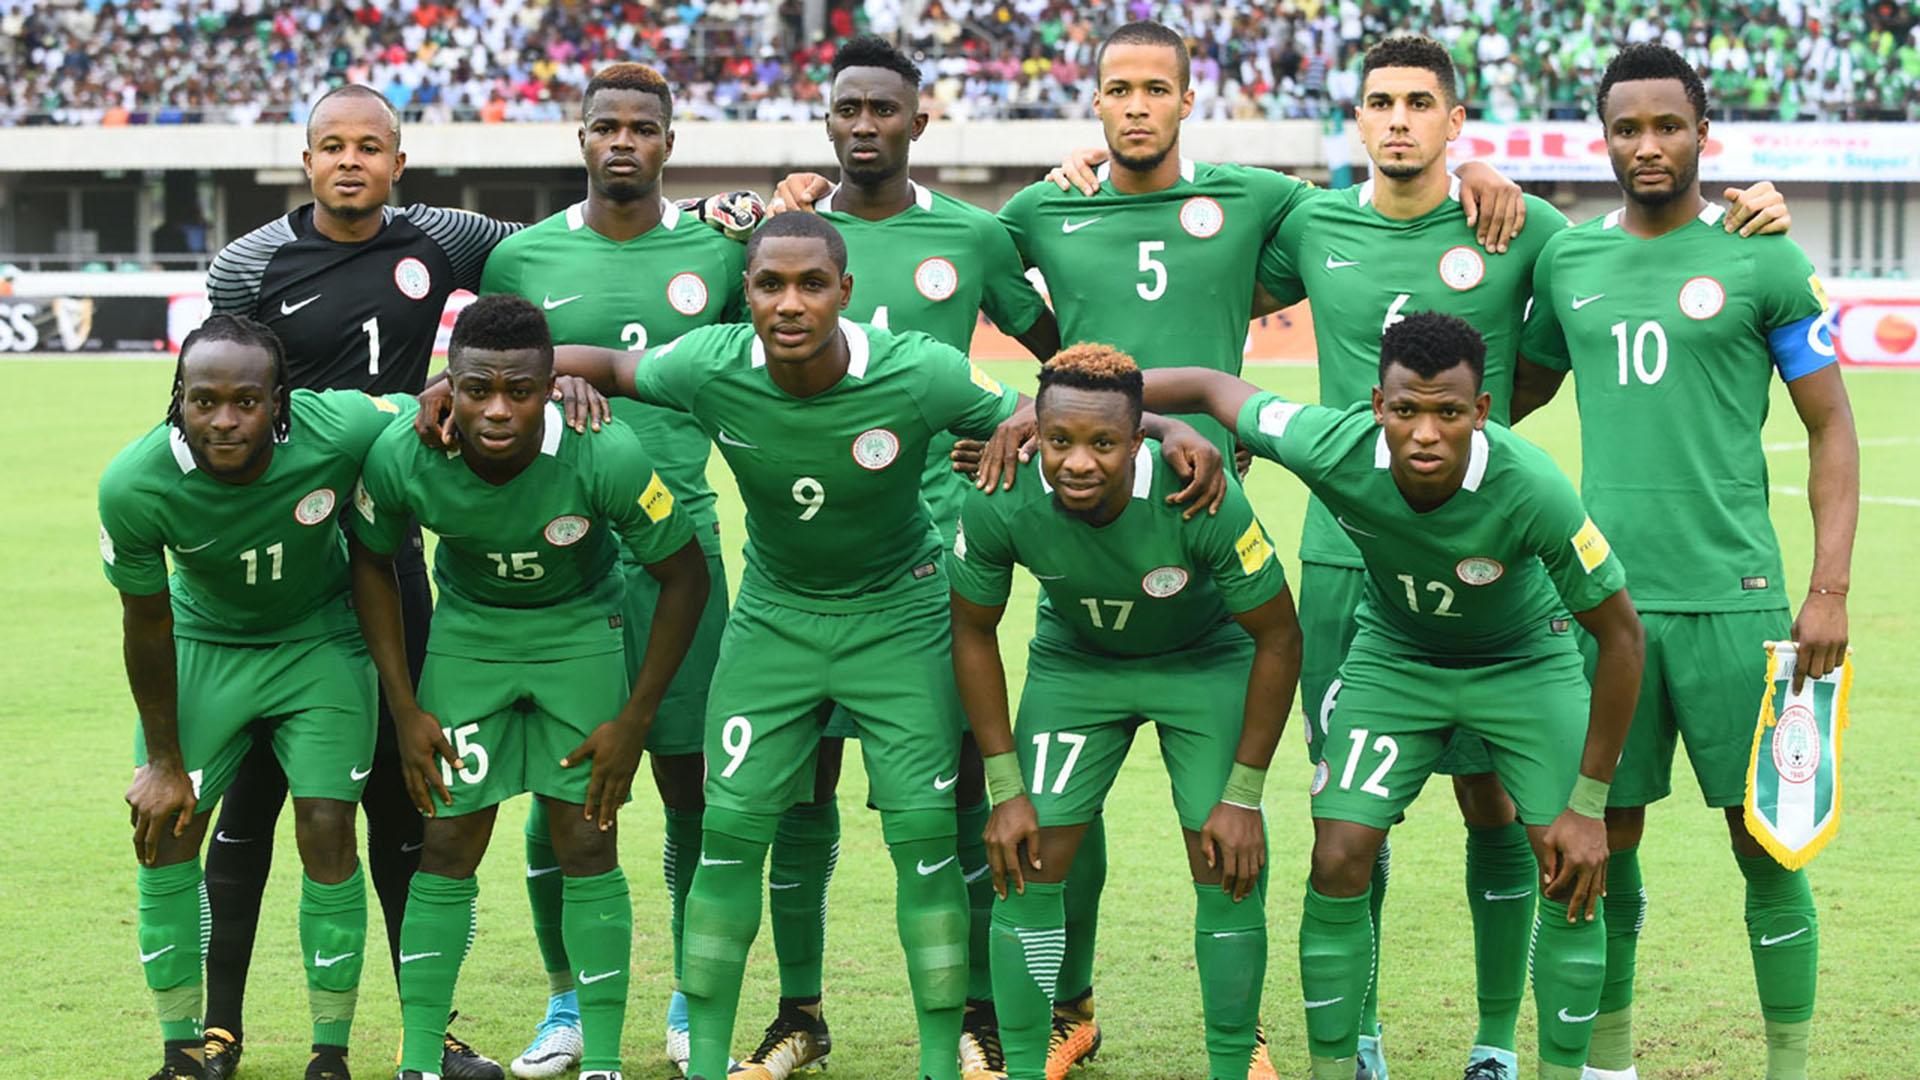 Con un promedio de edad de 24 años, el valor de Nigeria es de 107,20 millones de dólares